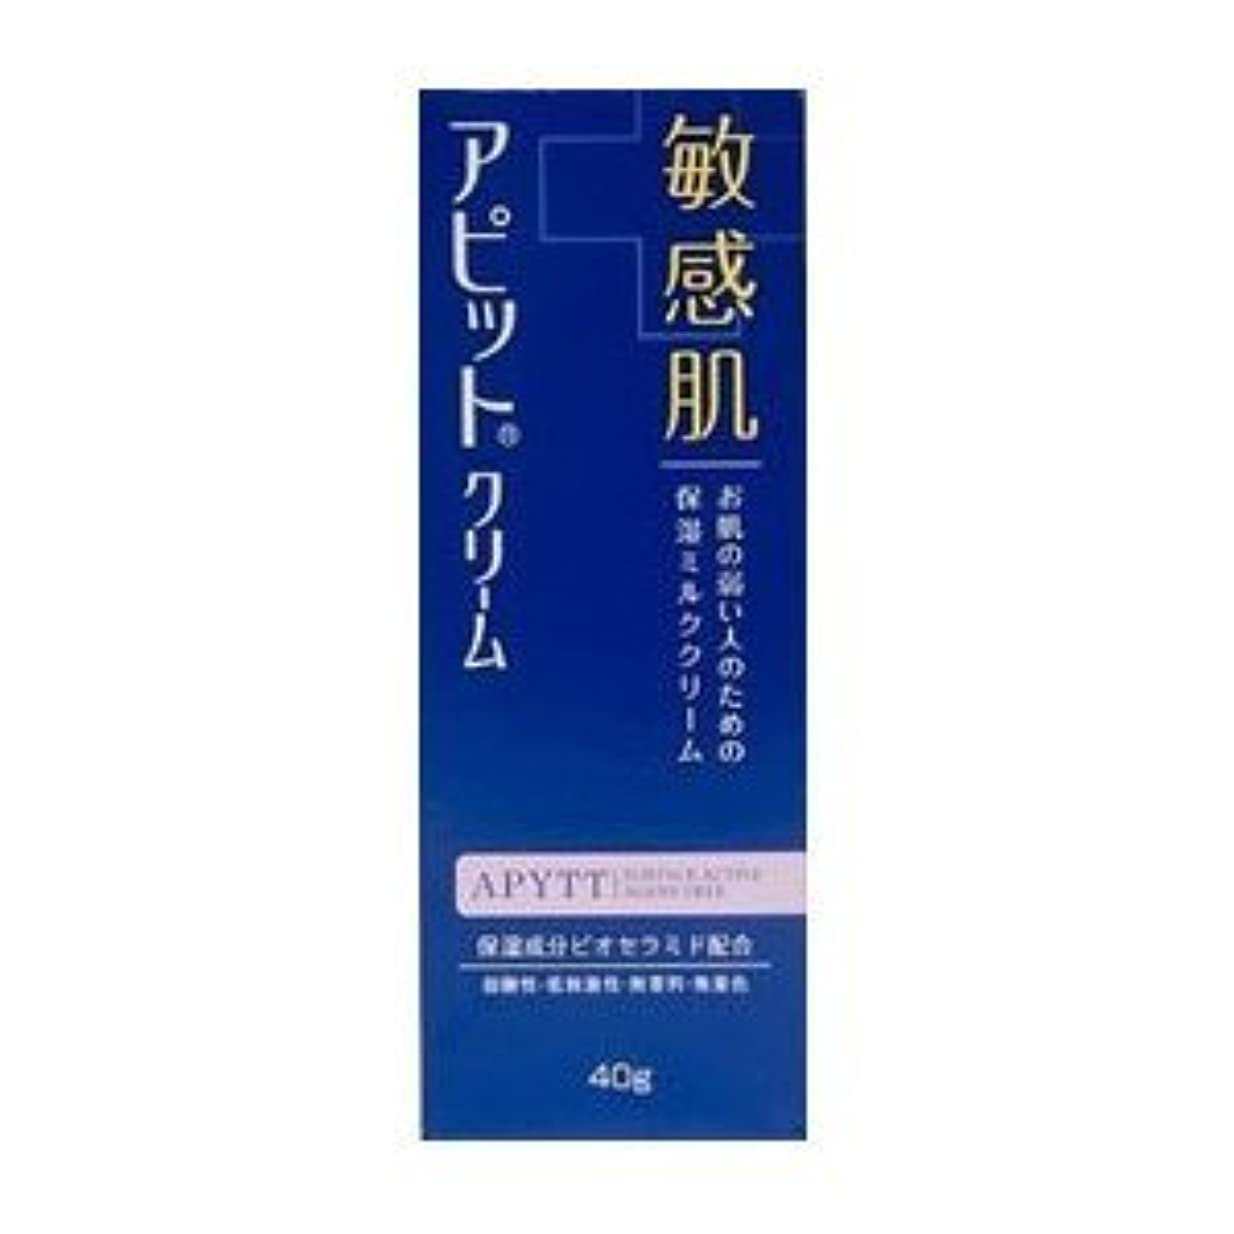 退院凍結ホイスト全薬工業 アピットクリーム 40g×3個セット (医薬部外品)